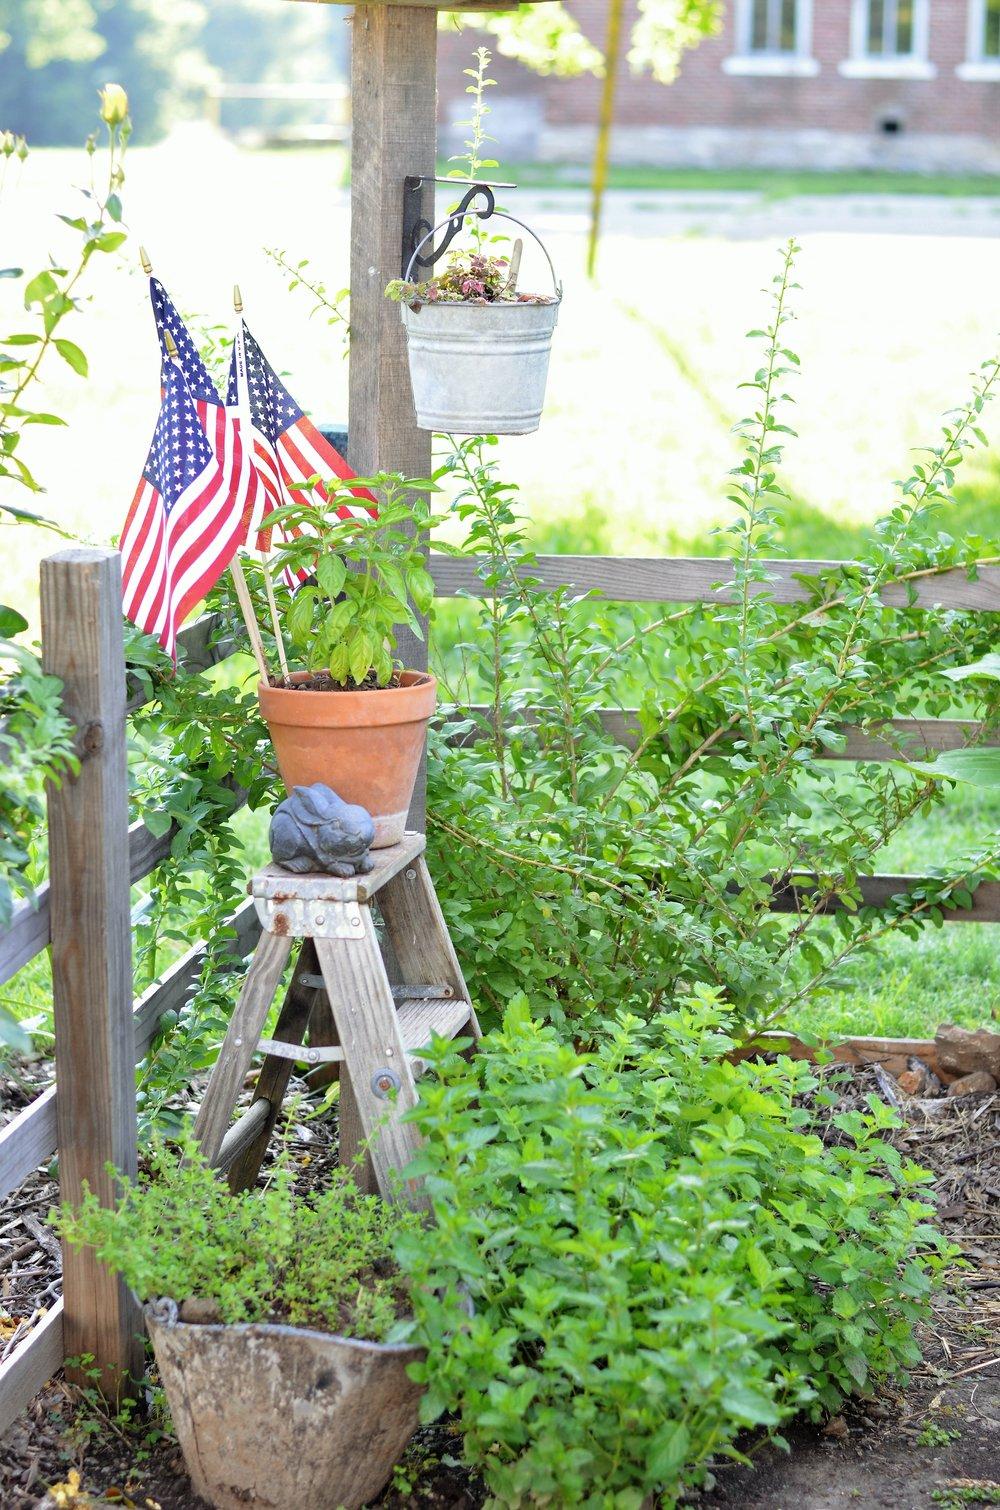 Garden junk in the vegetable garden